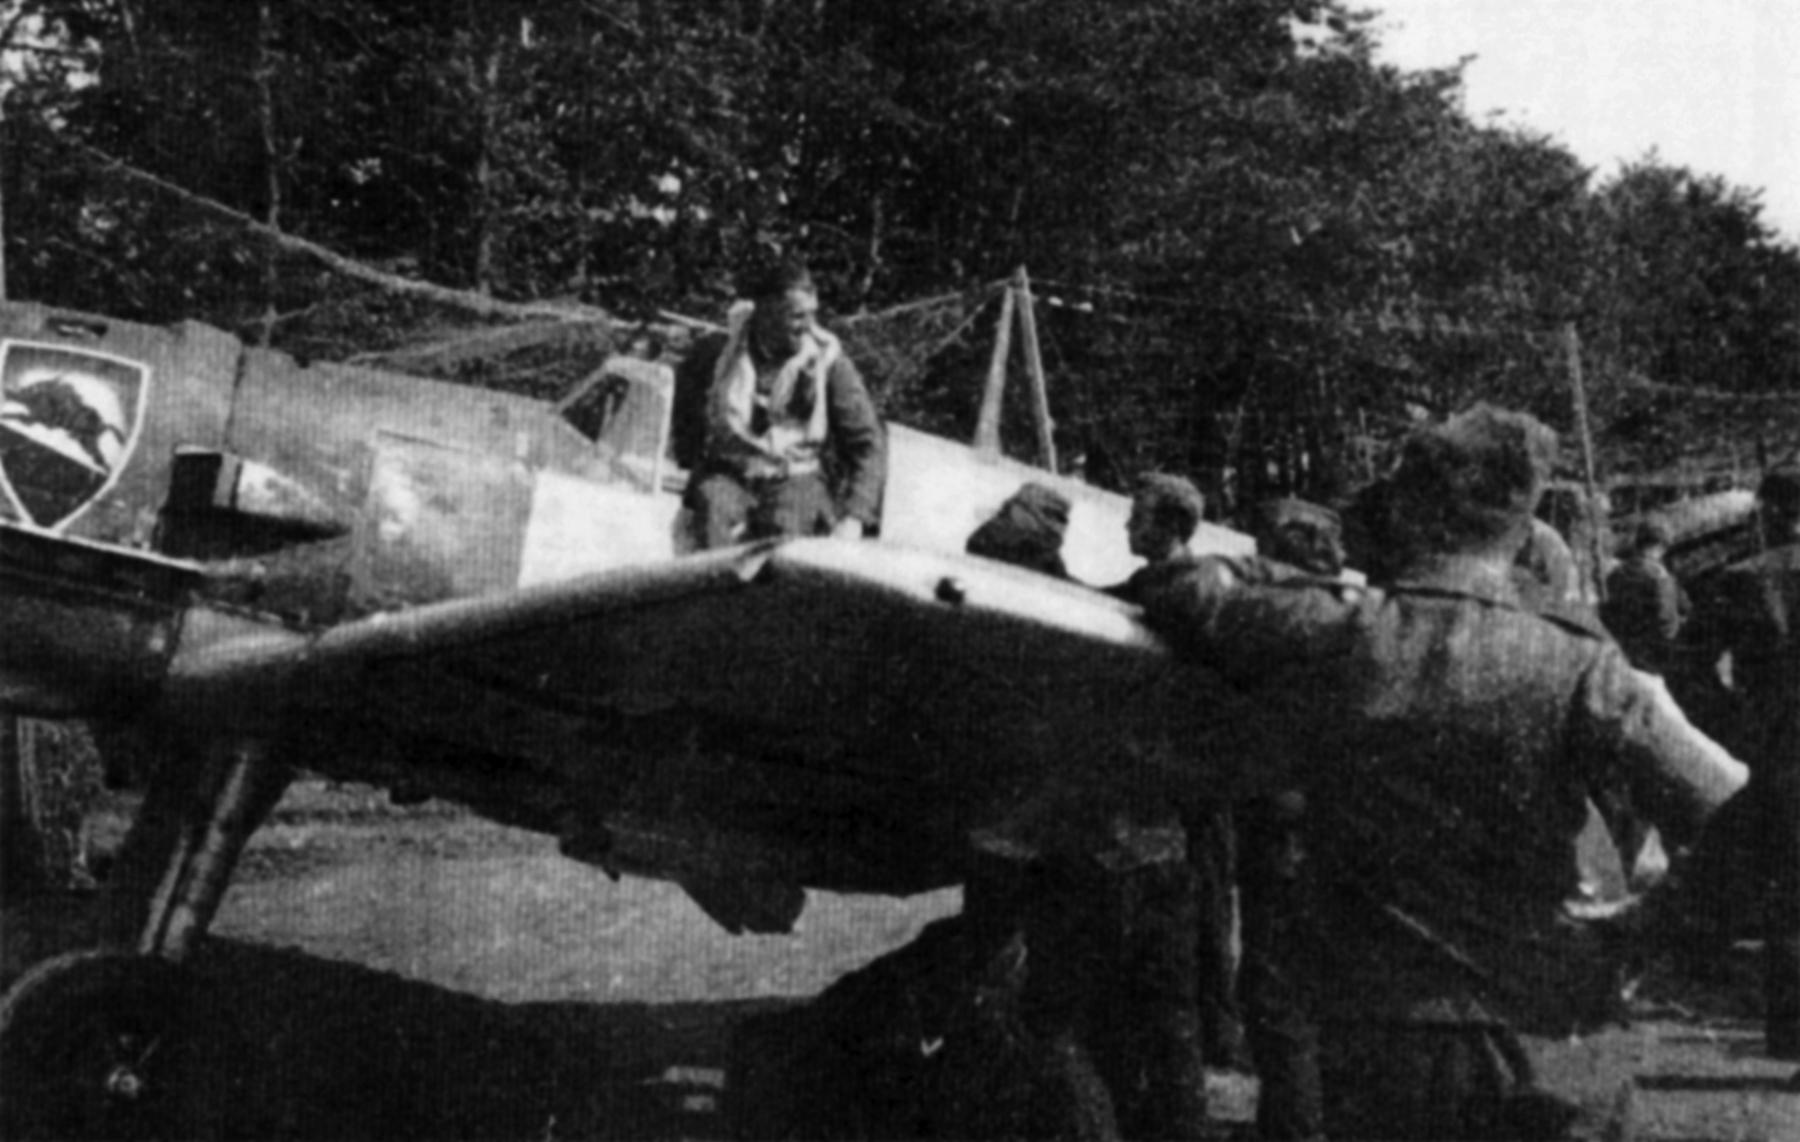 Messerschmitt Bf 109E1 2.JG52 Black 8 Karl Heinz Leesmann Calais France 1940 01